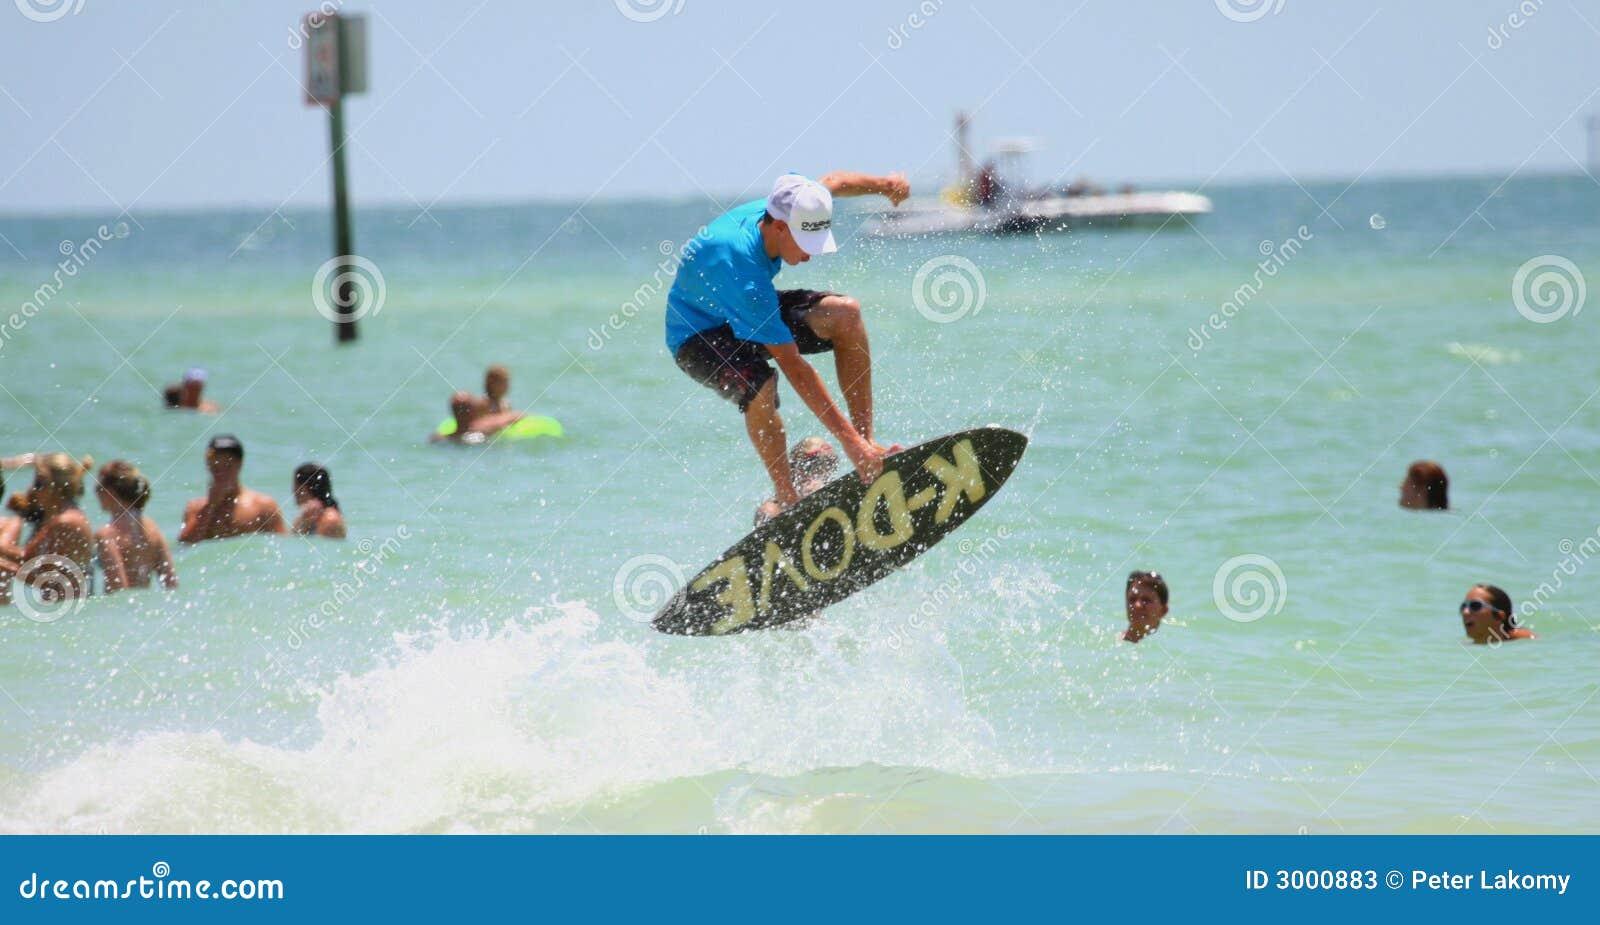 Le surfer sautant sur le sailboard